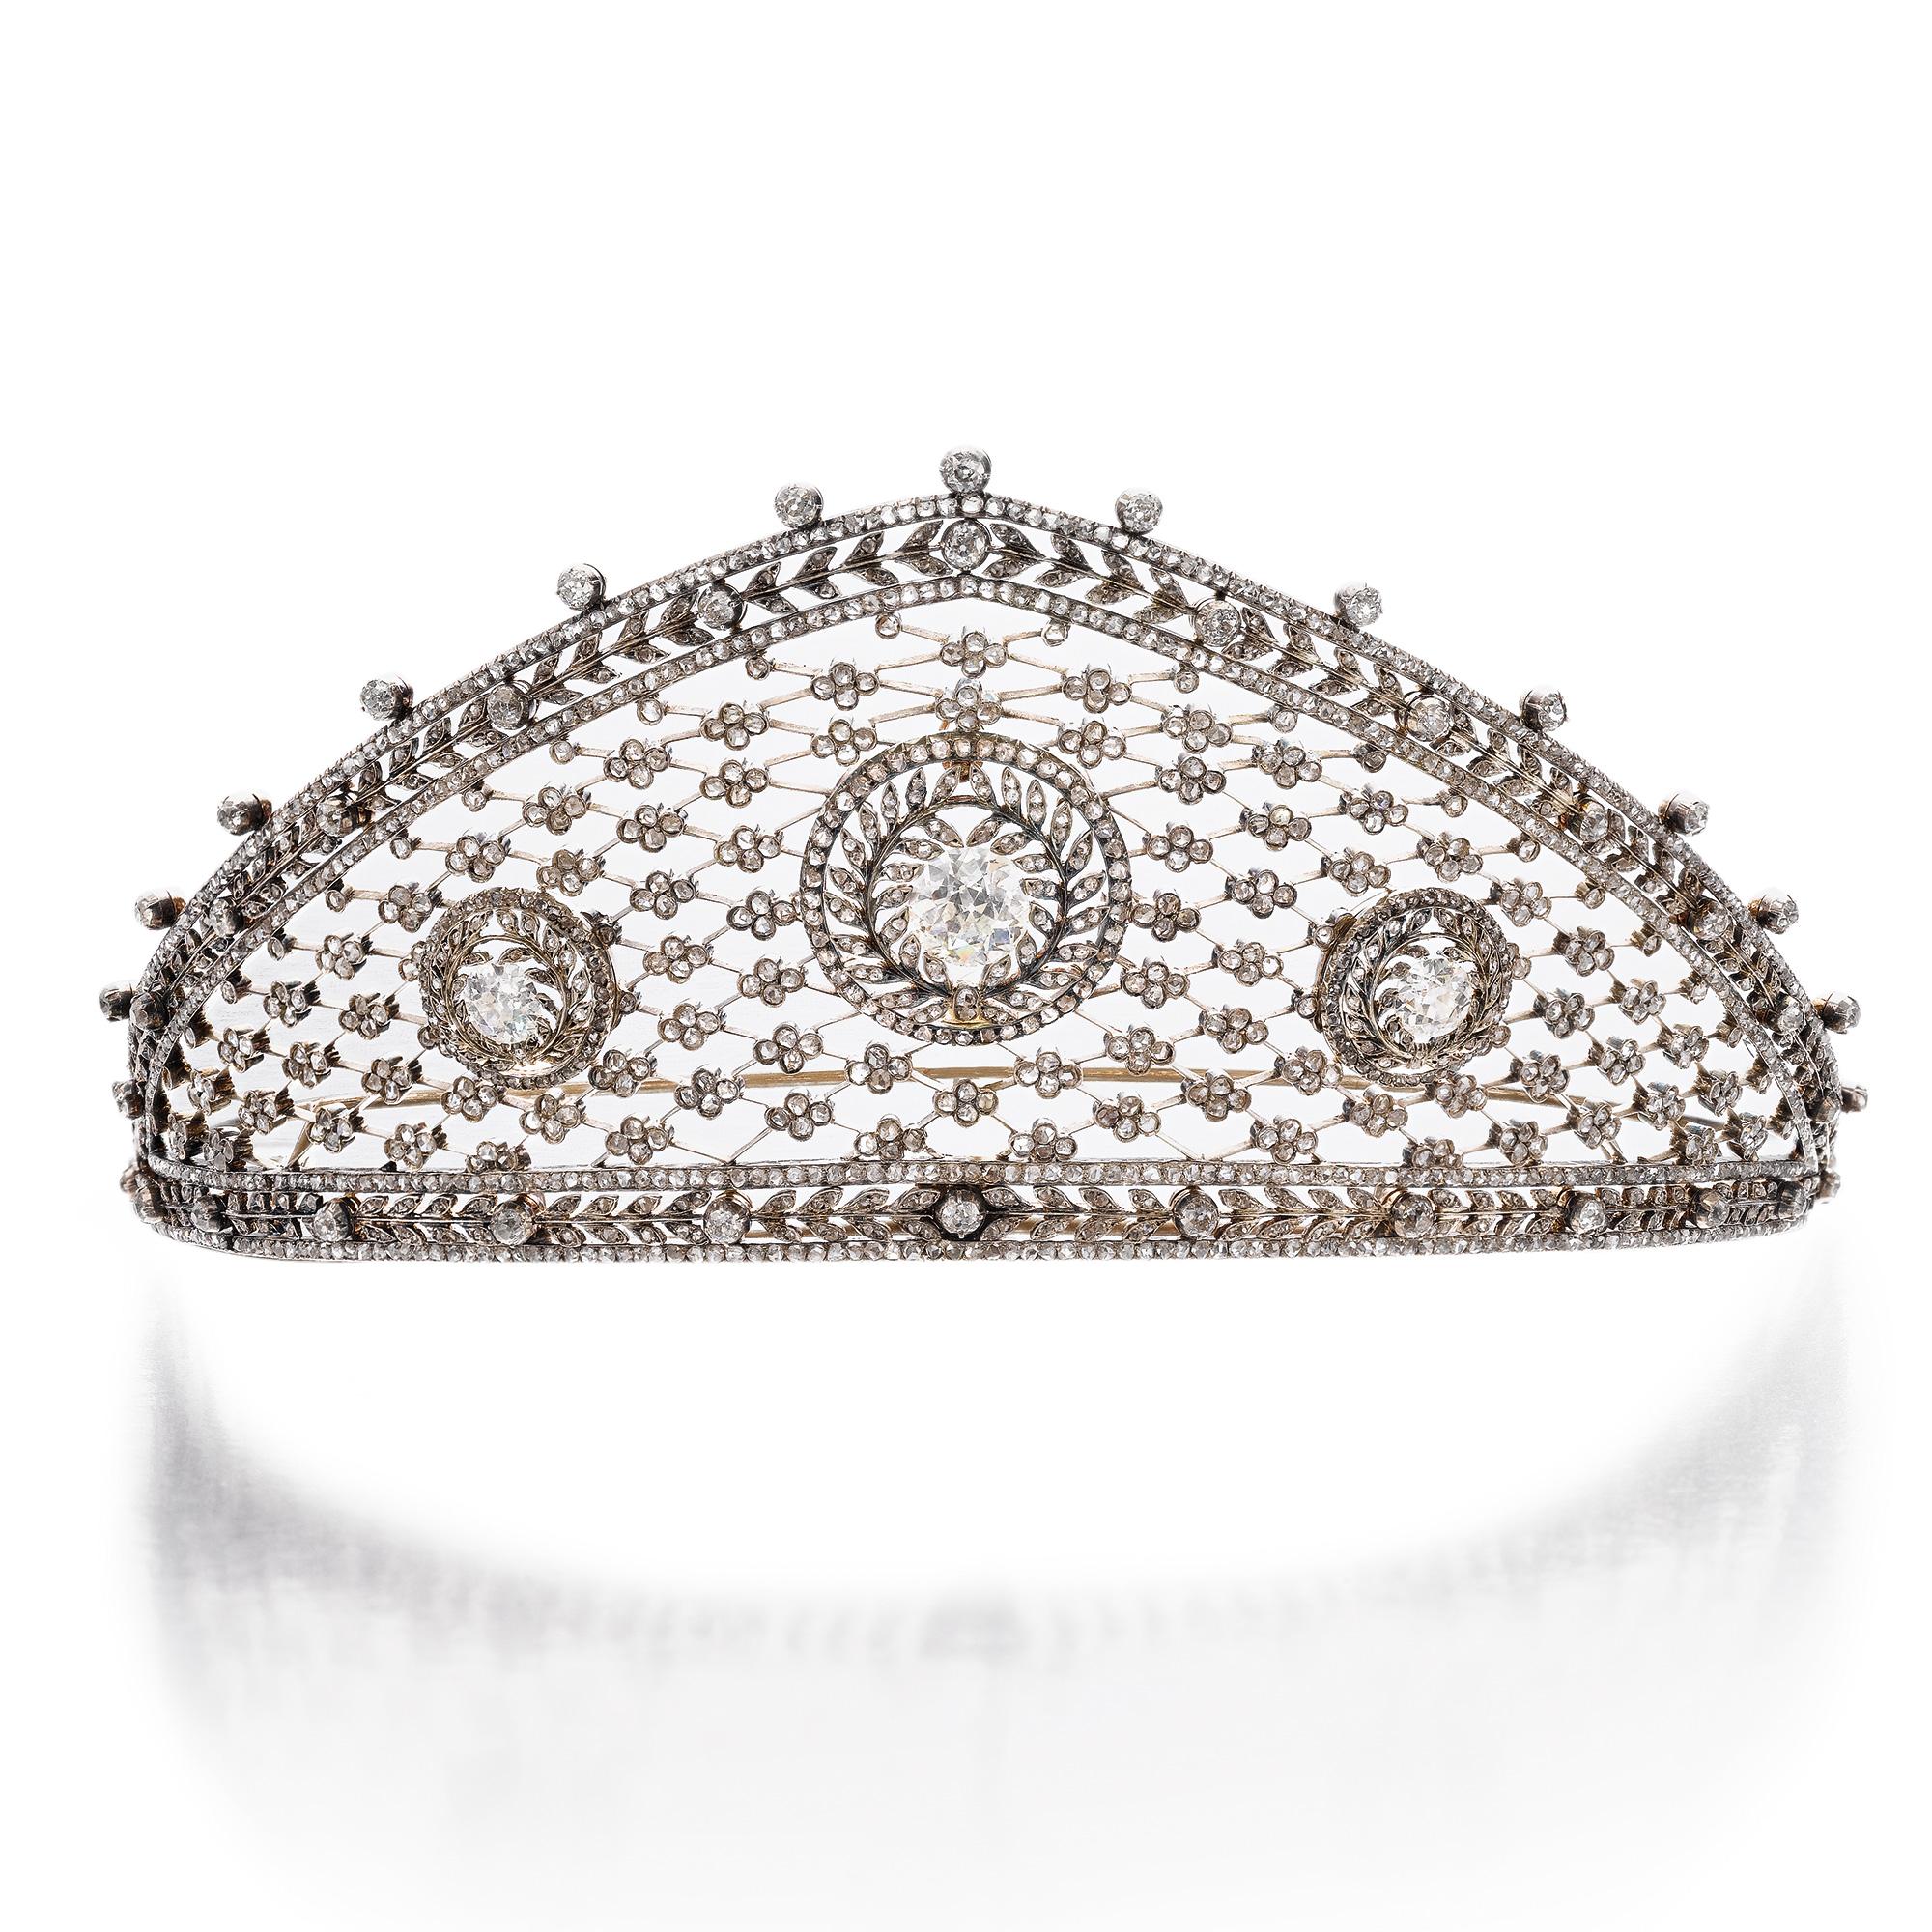 Diamond tiara, attributed to Fabergé, circa 1903. Image: Sotheby's